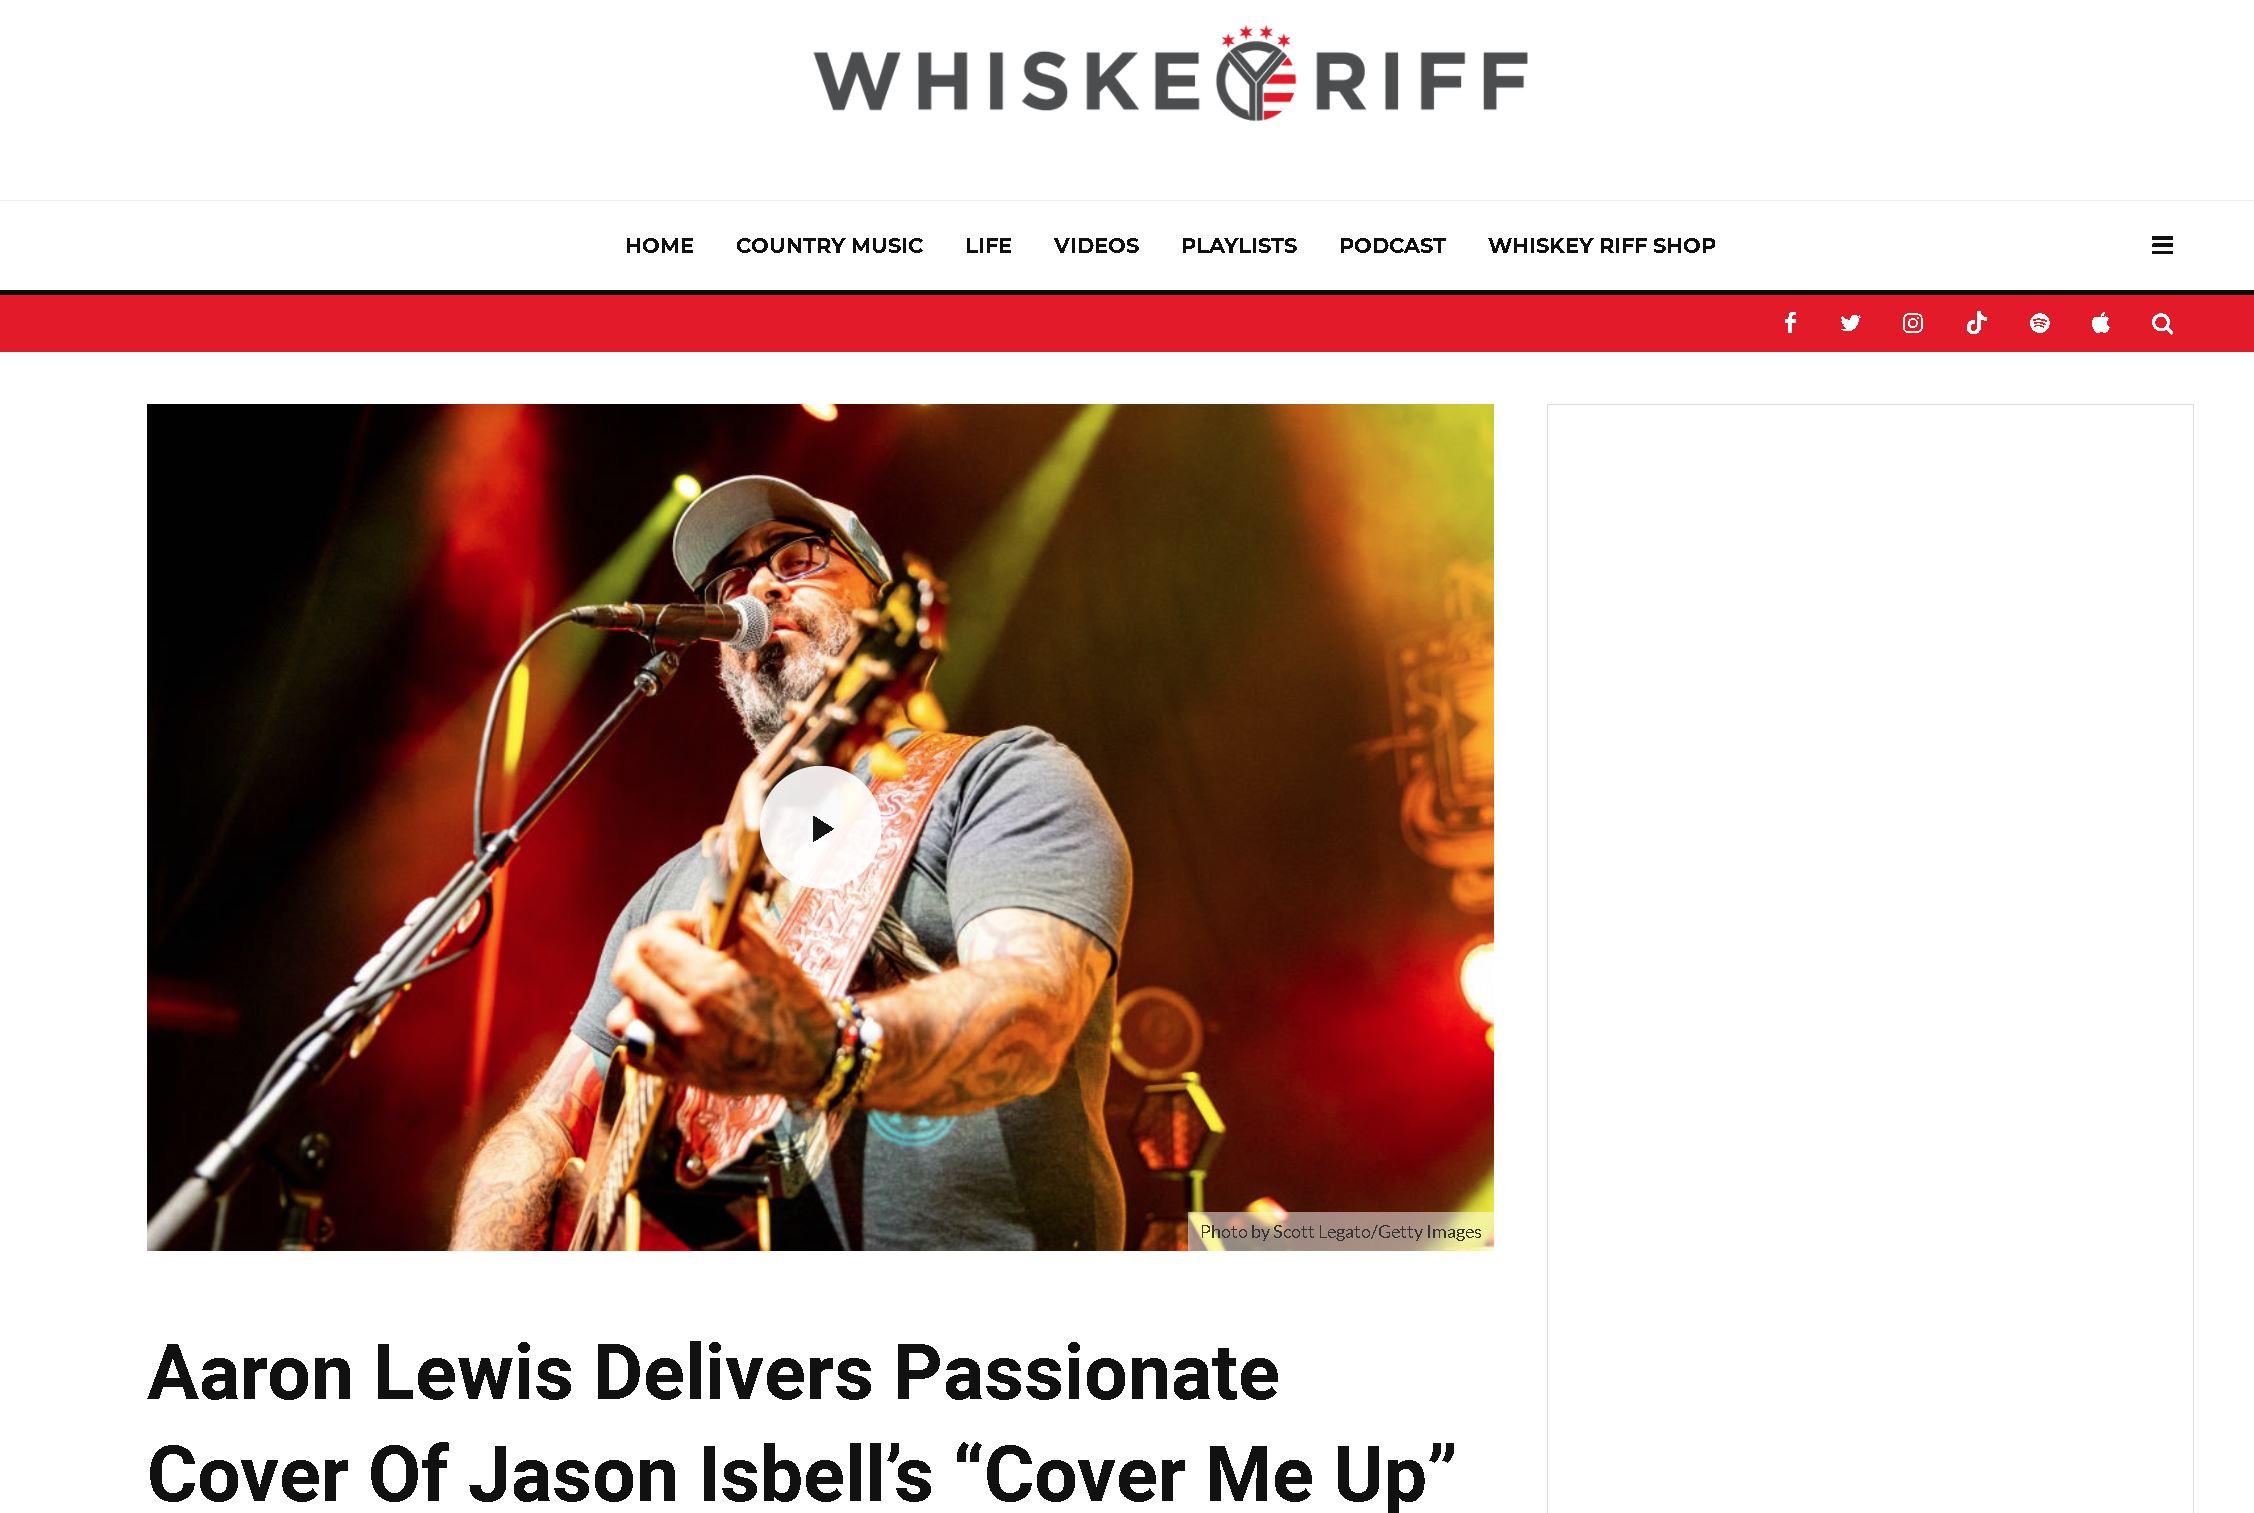 Aaron Lewis - Whiskey Riff